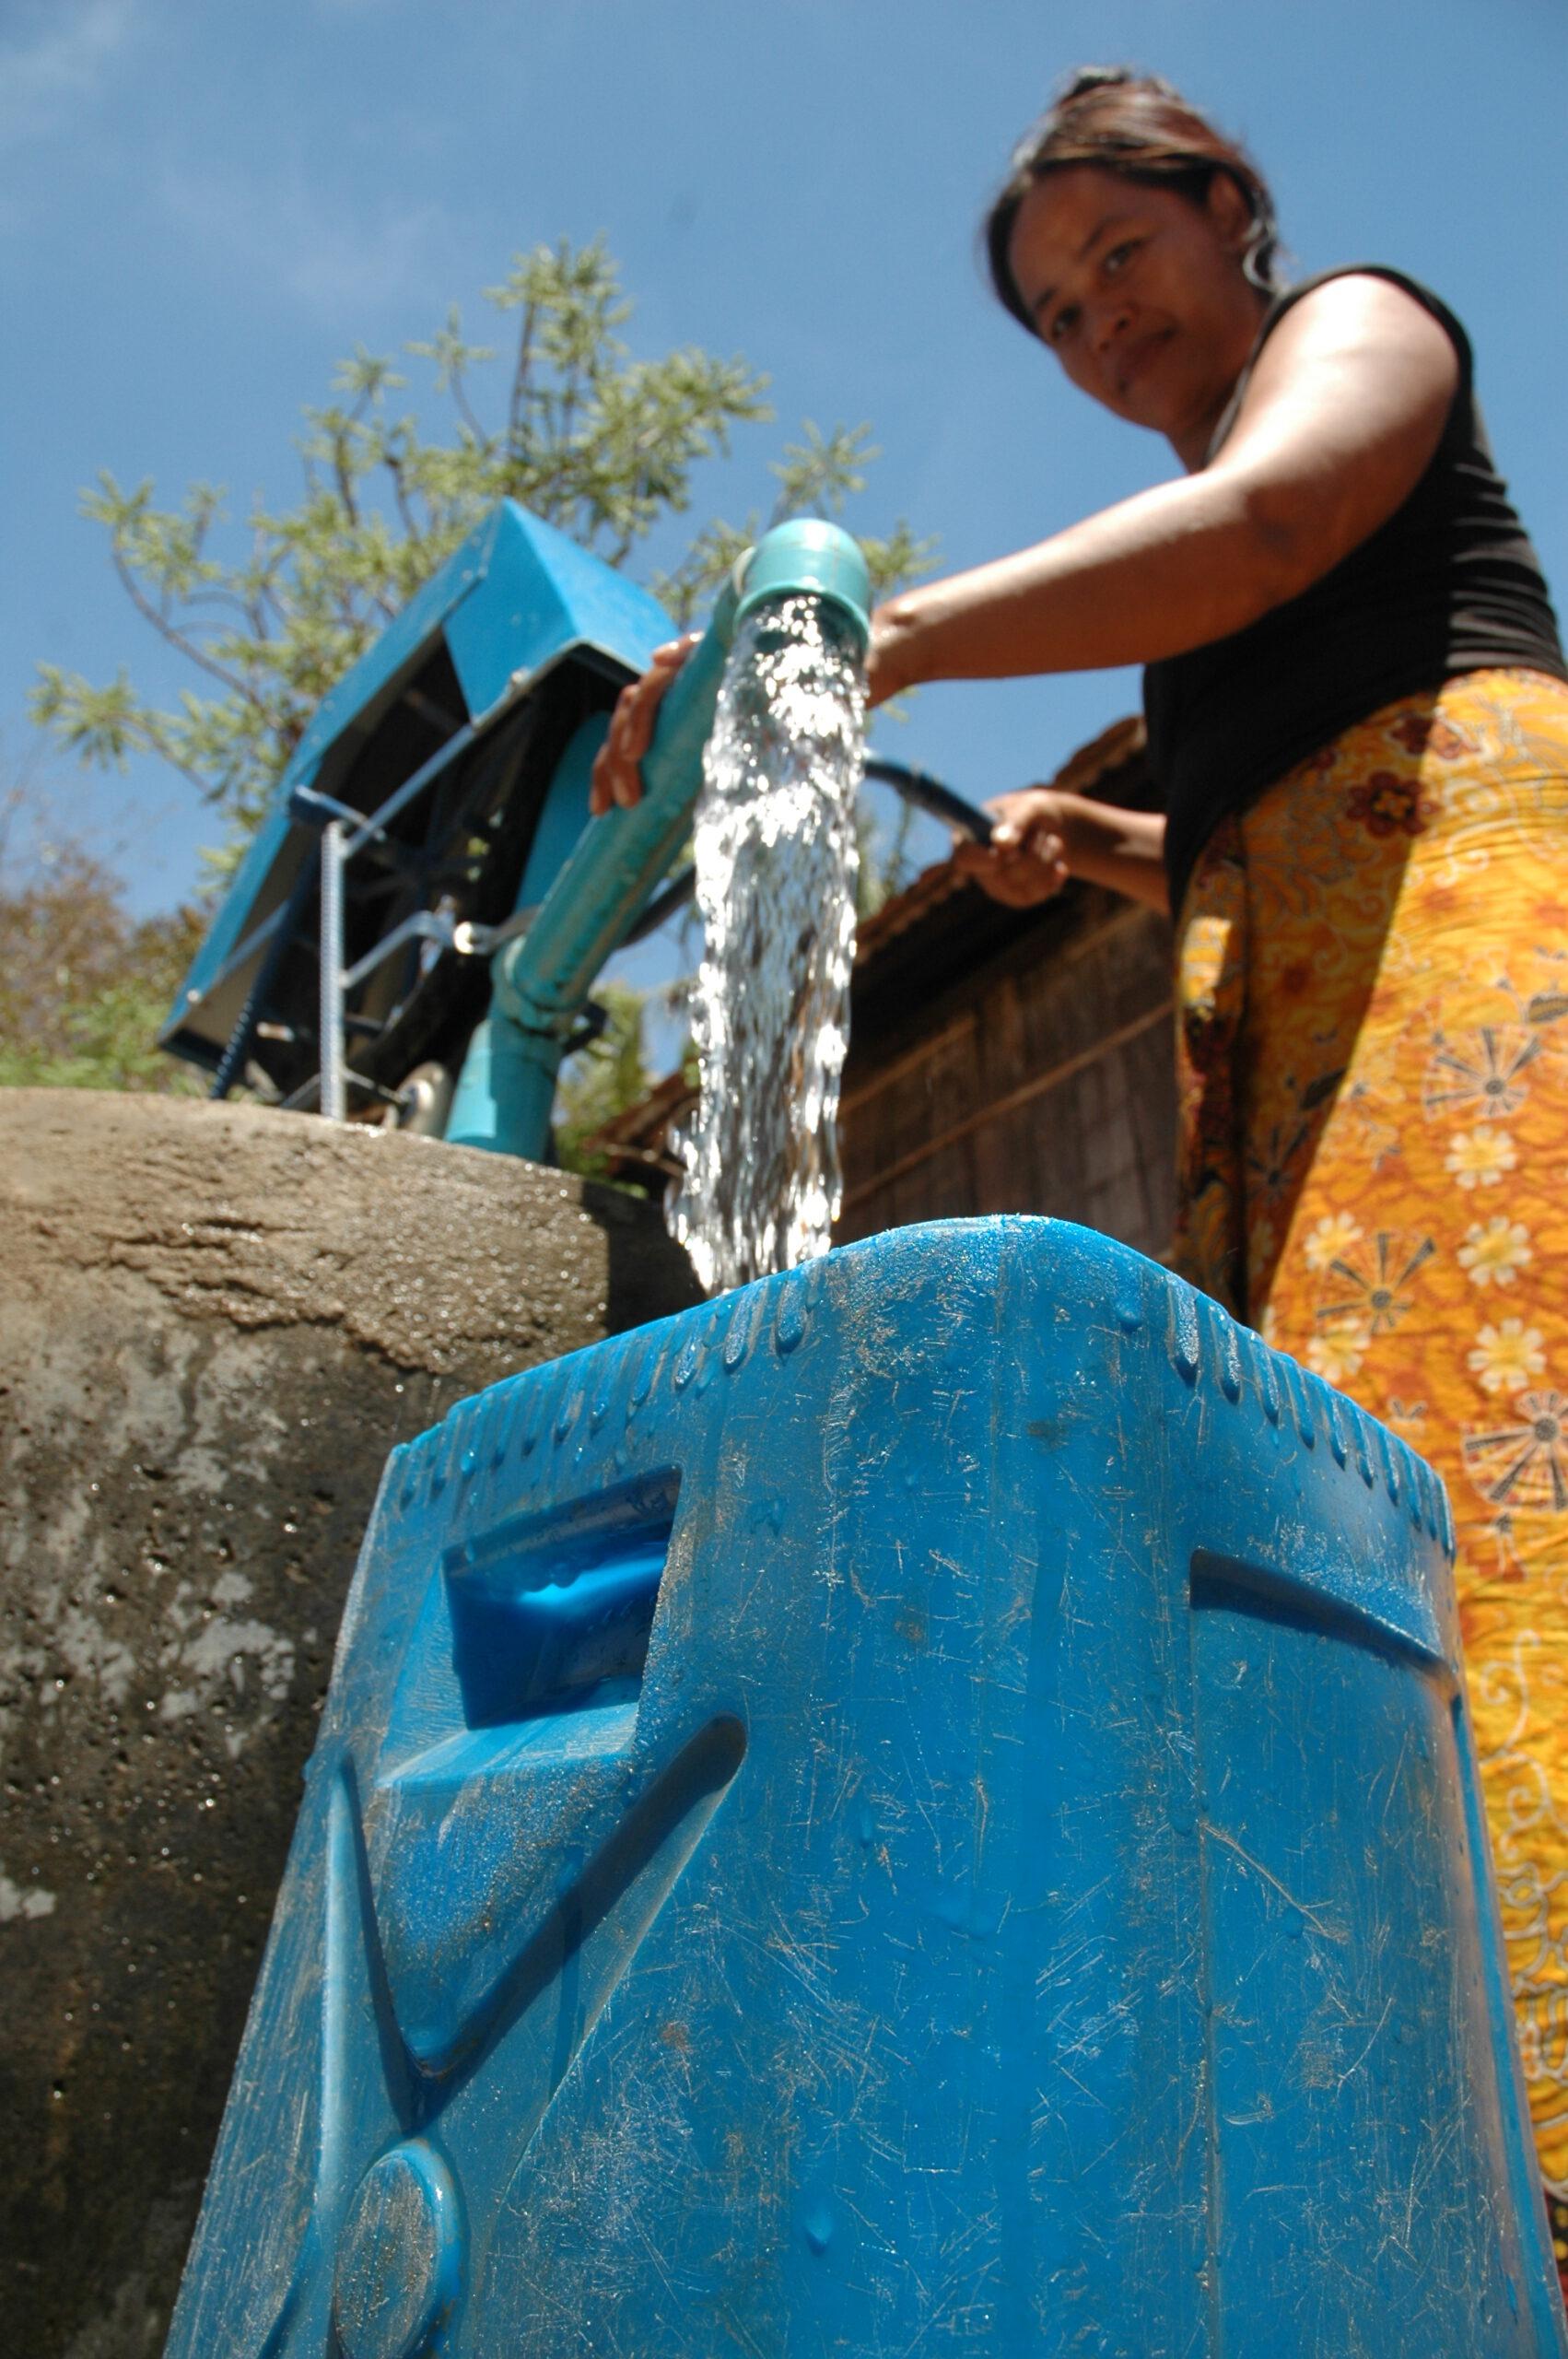 GNO0420_Wassertranks_Plan International_Soleil Chantara Mom_Bild stammt aus einem ähnlichen Plan-Projekt in Kambodscha